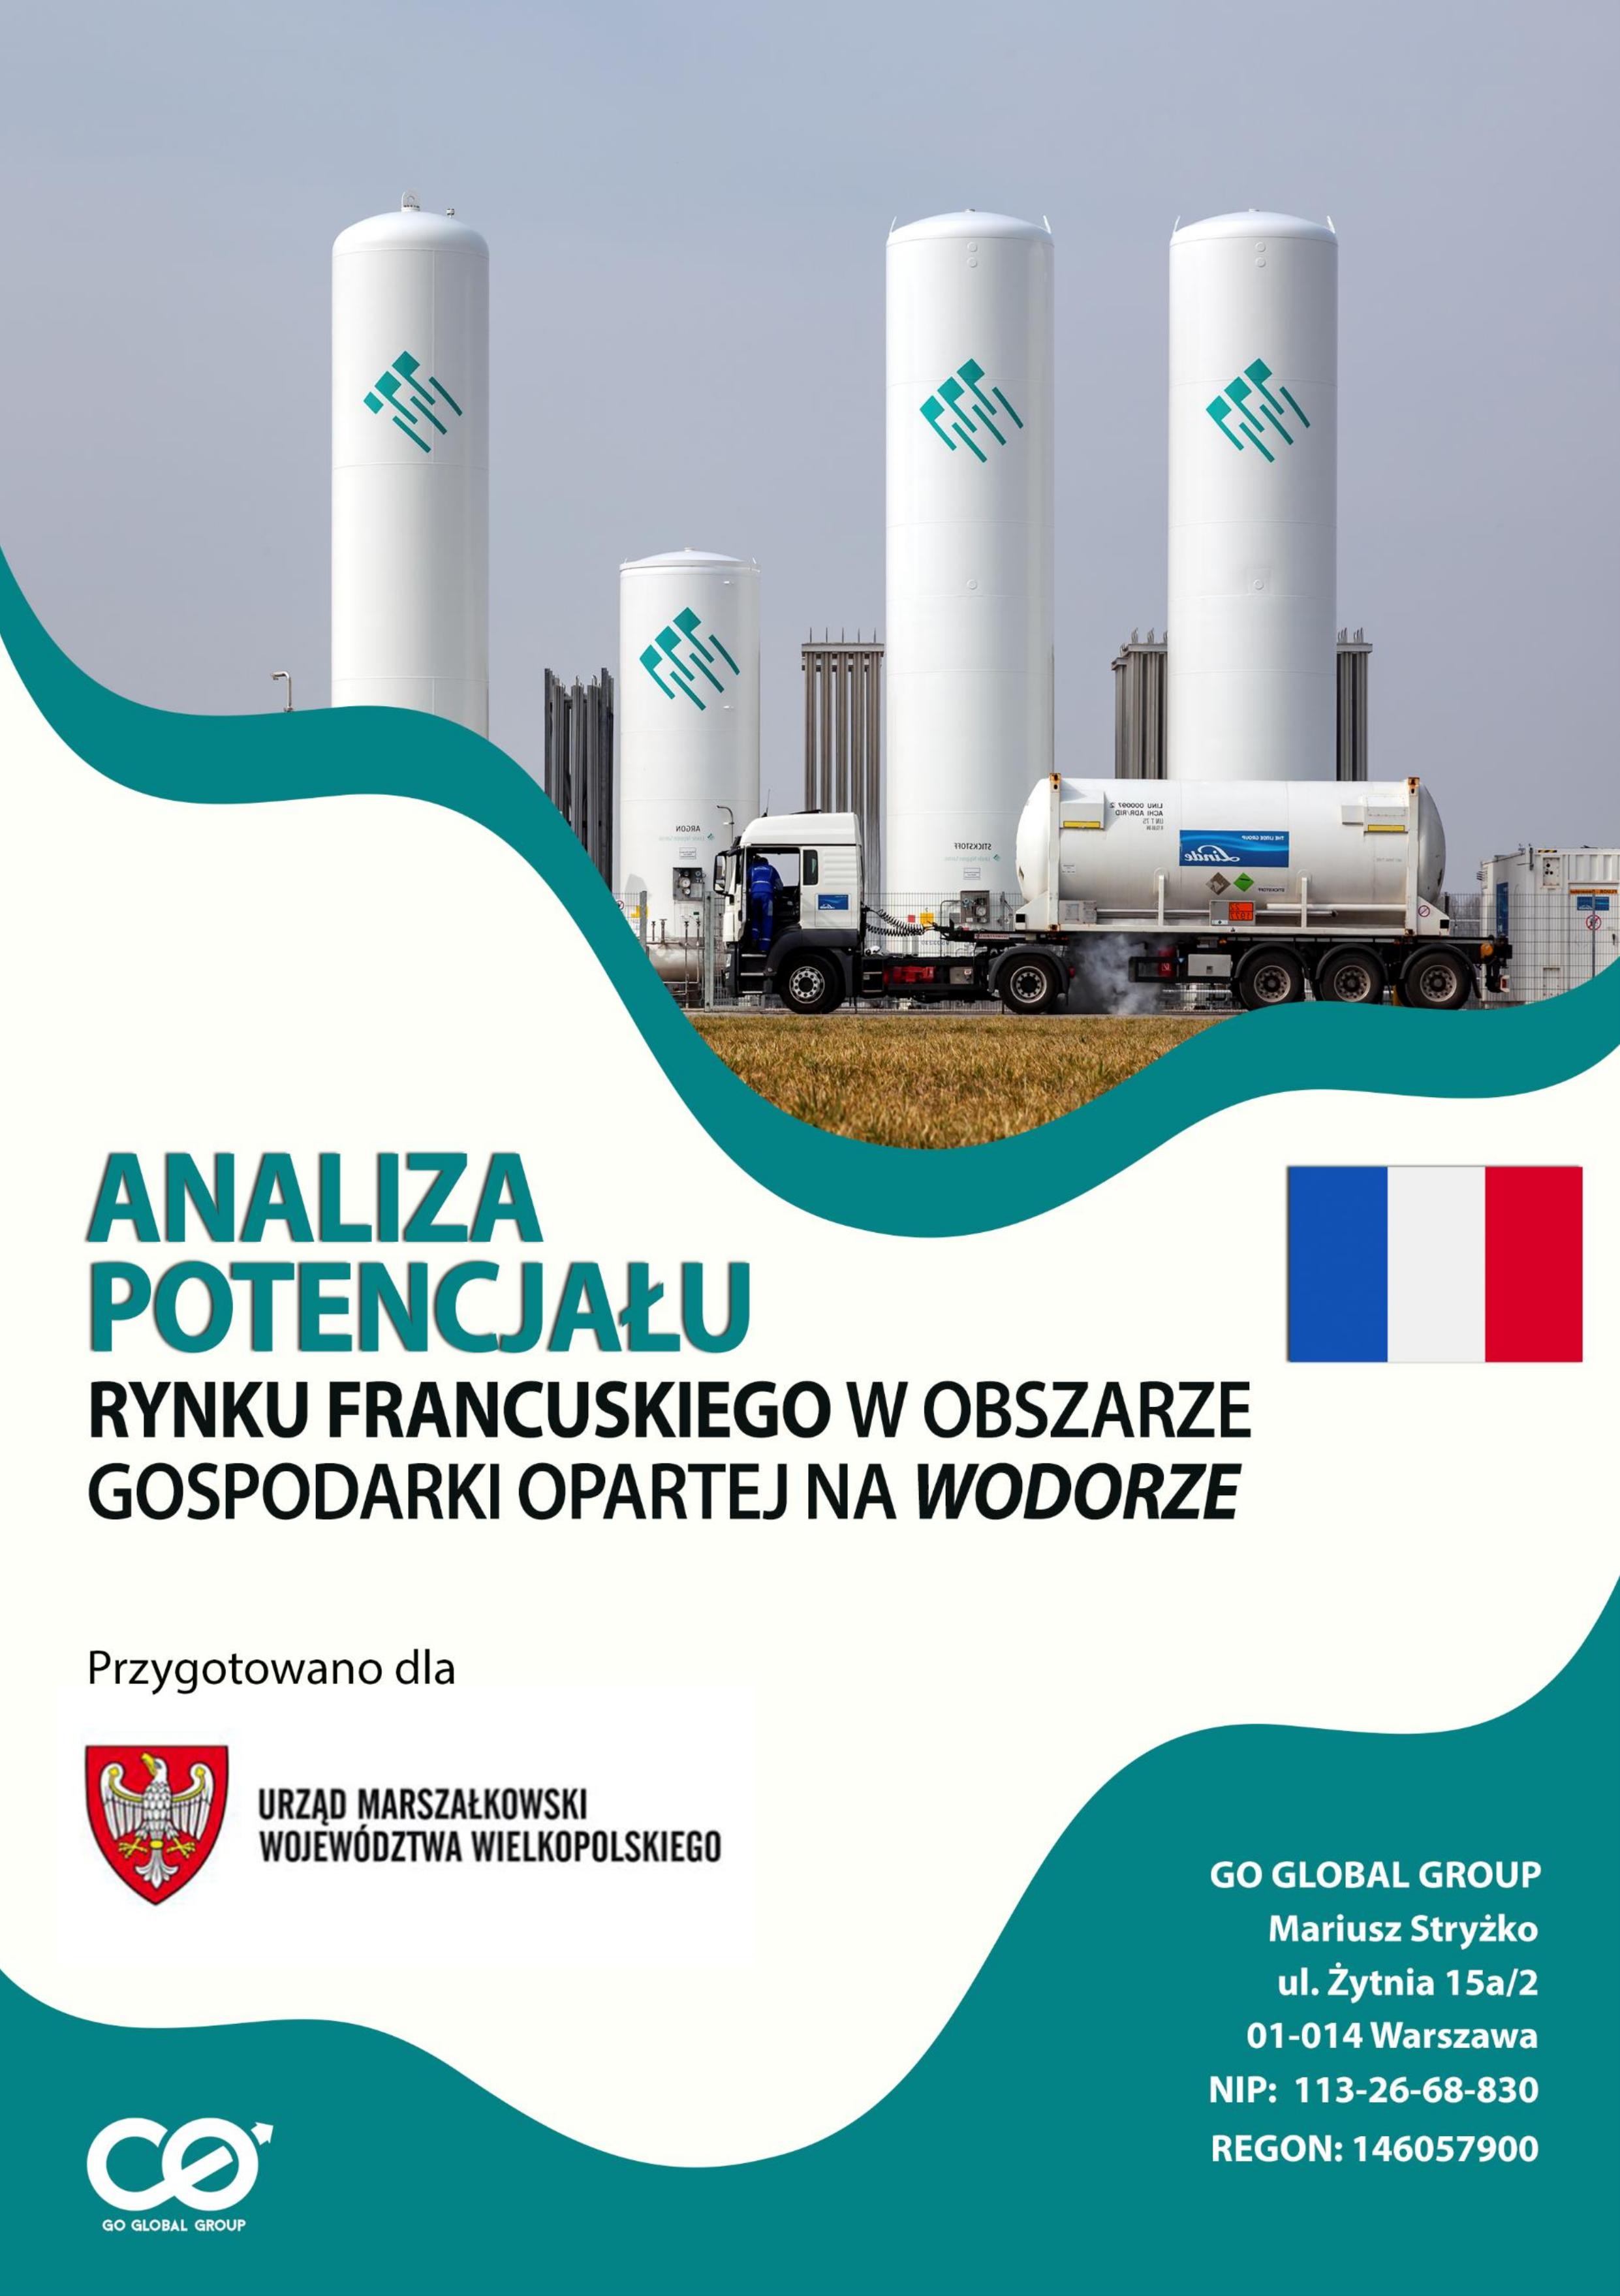 Analiza potencjału rynku francuskiego w obszarze gospodarki wodorowej